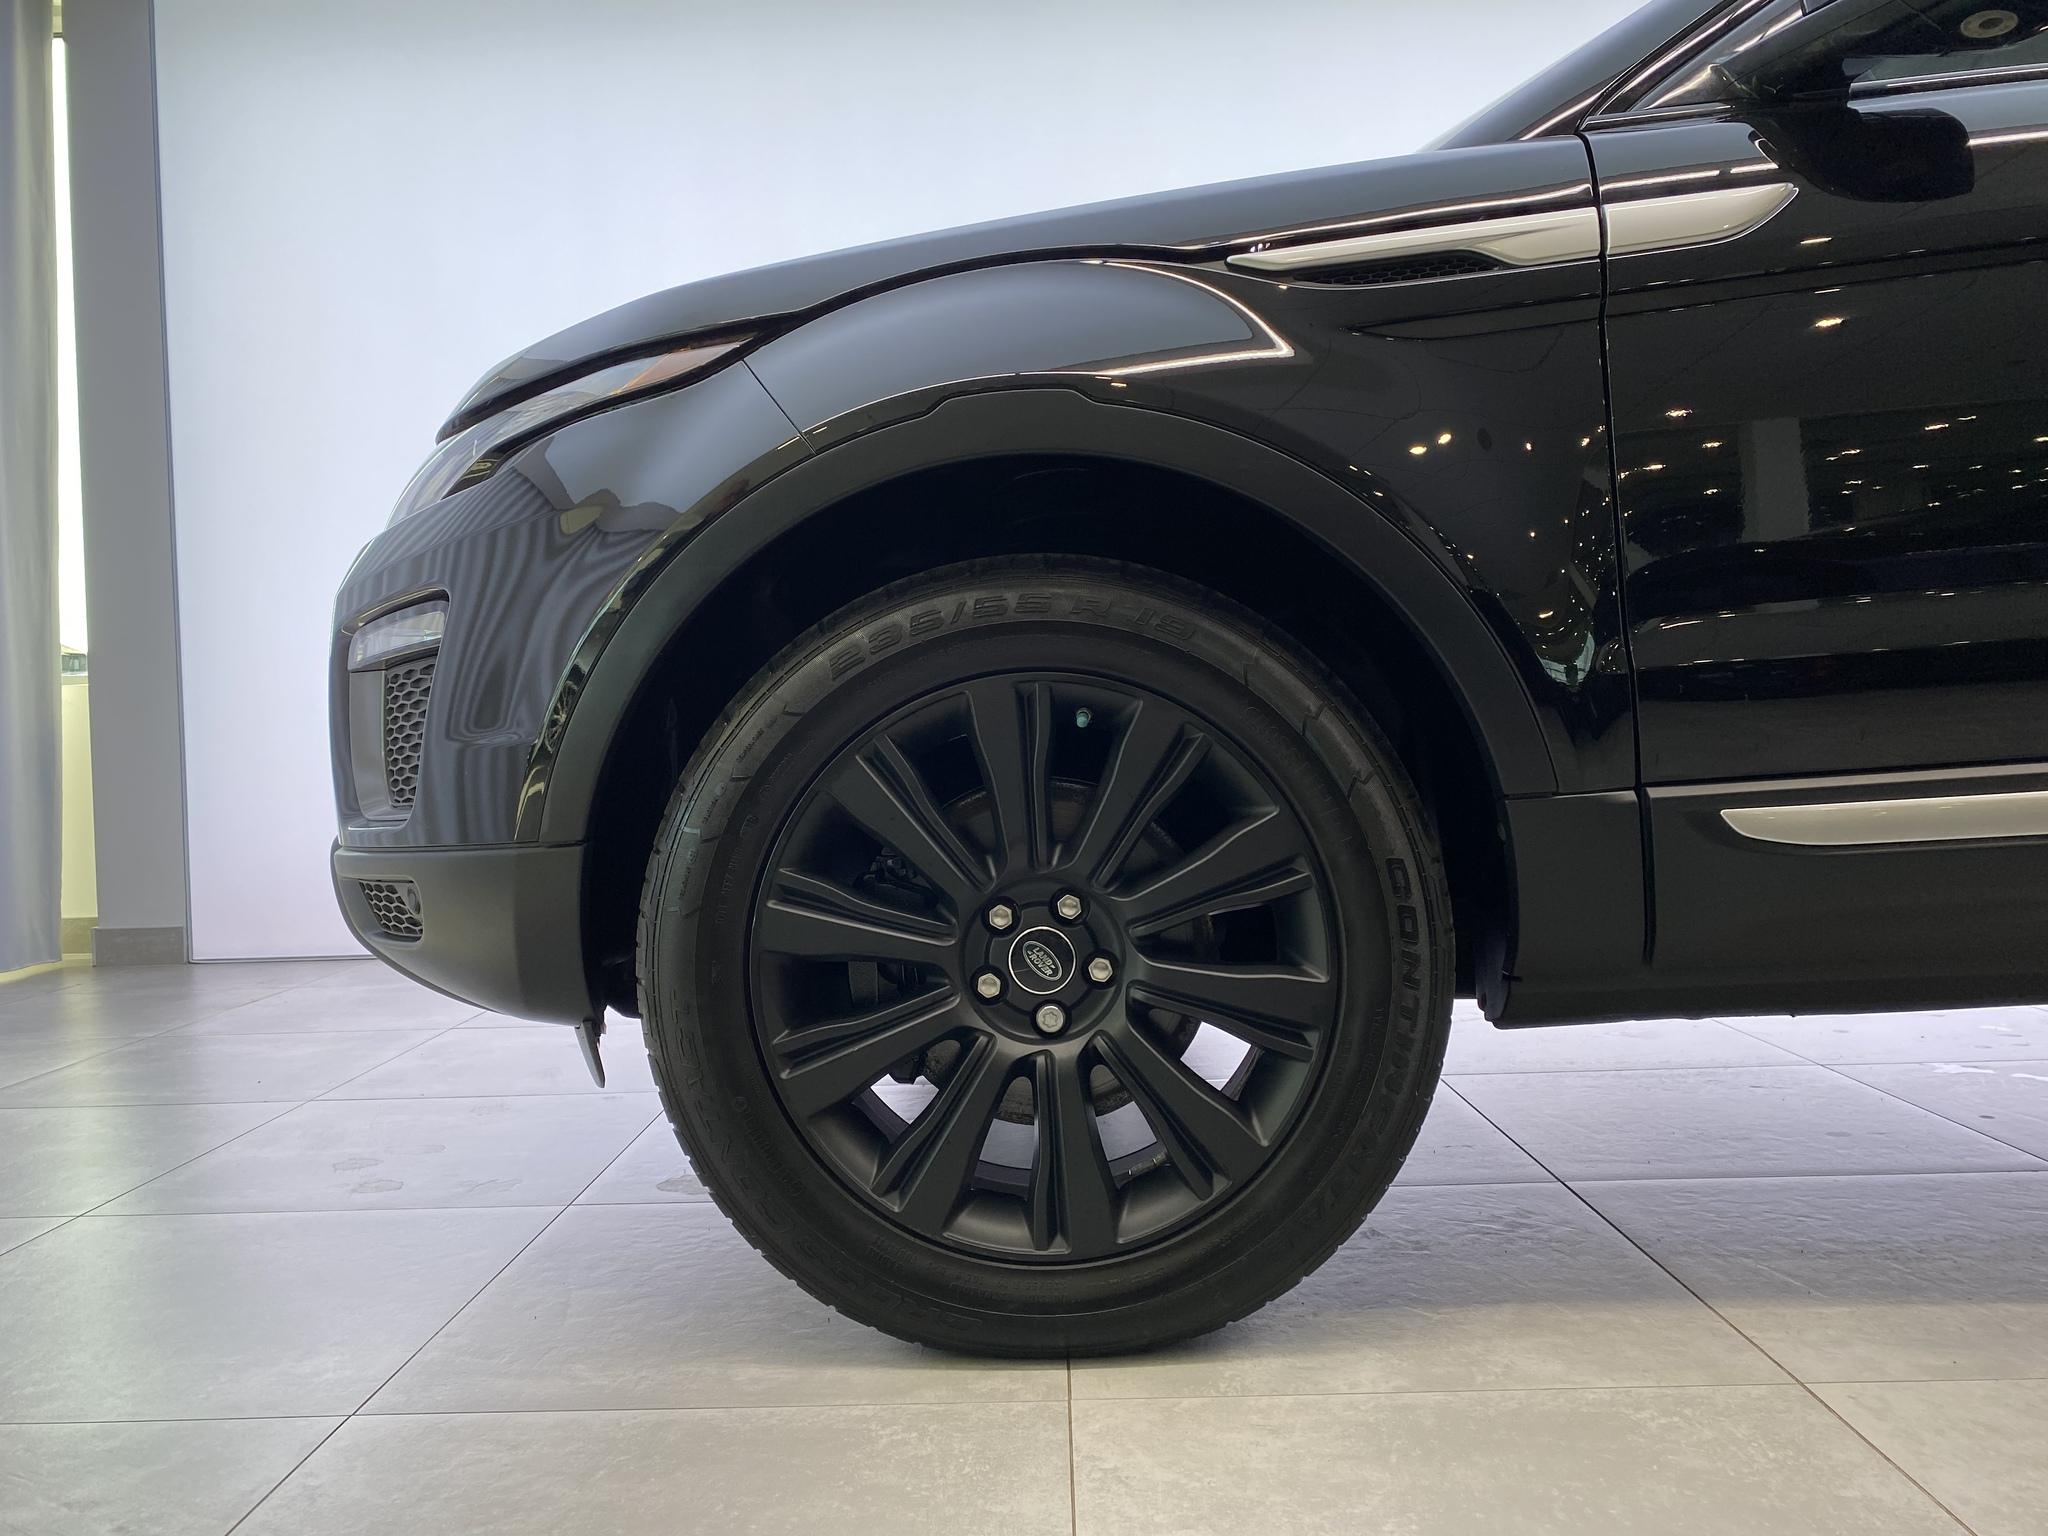 2017 Land Rover Range Rover Evoque HSE Si4 Garantie Land Rover 03/2021 complet